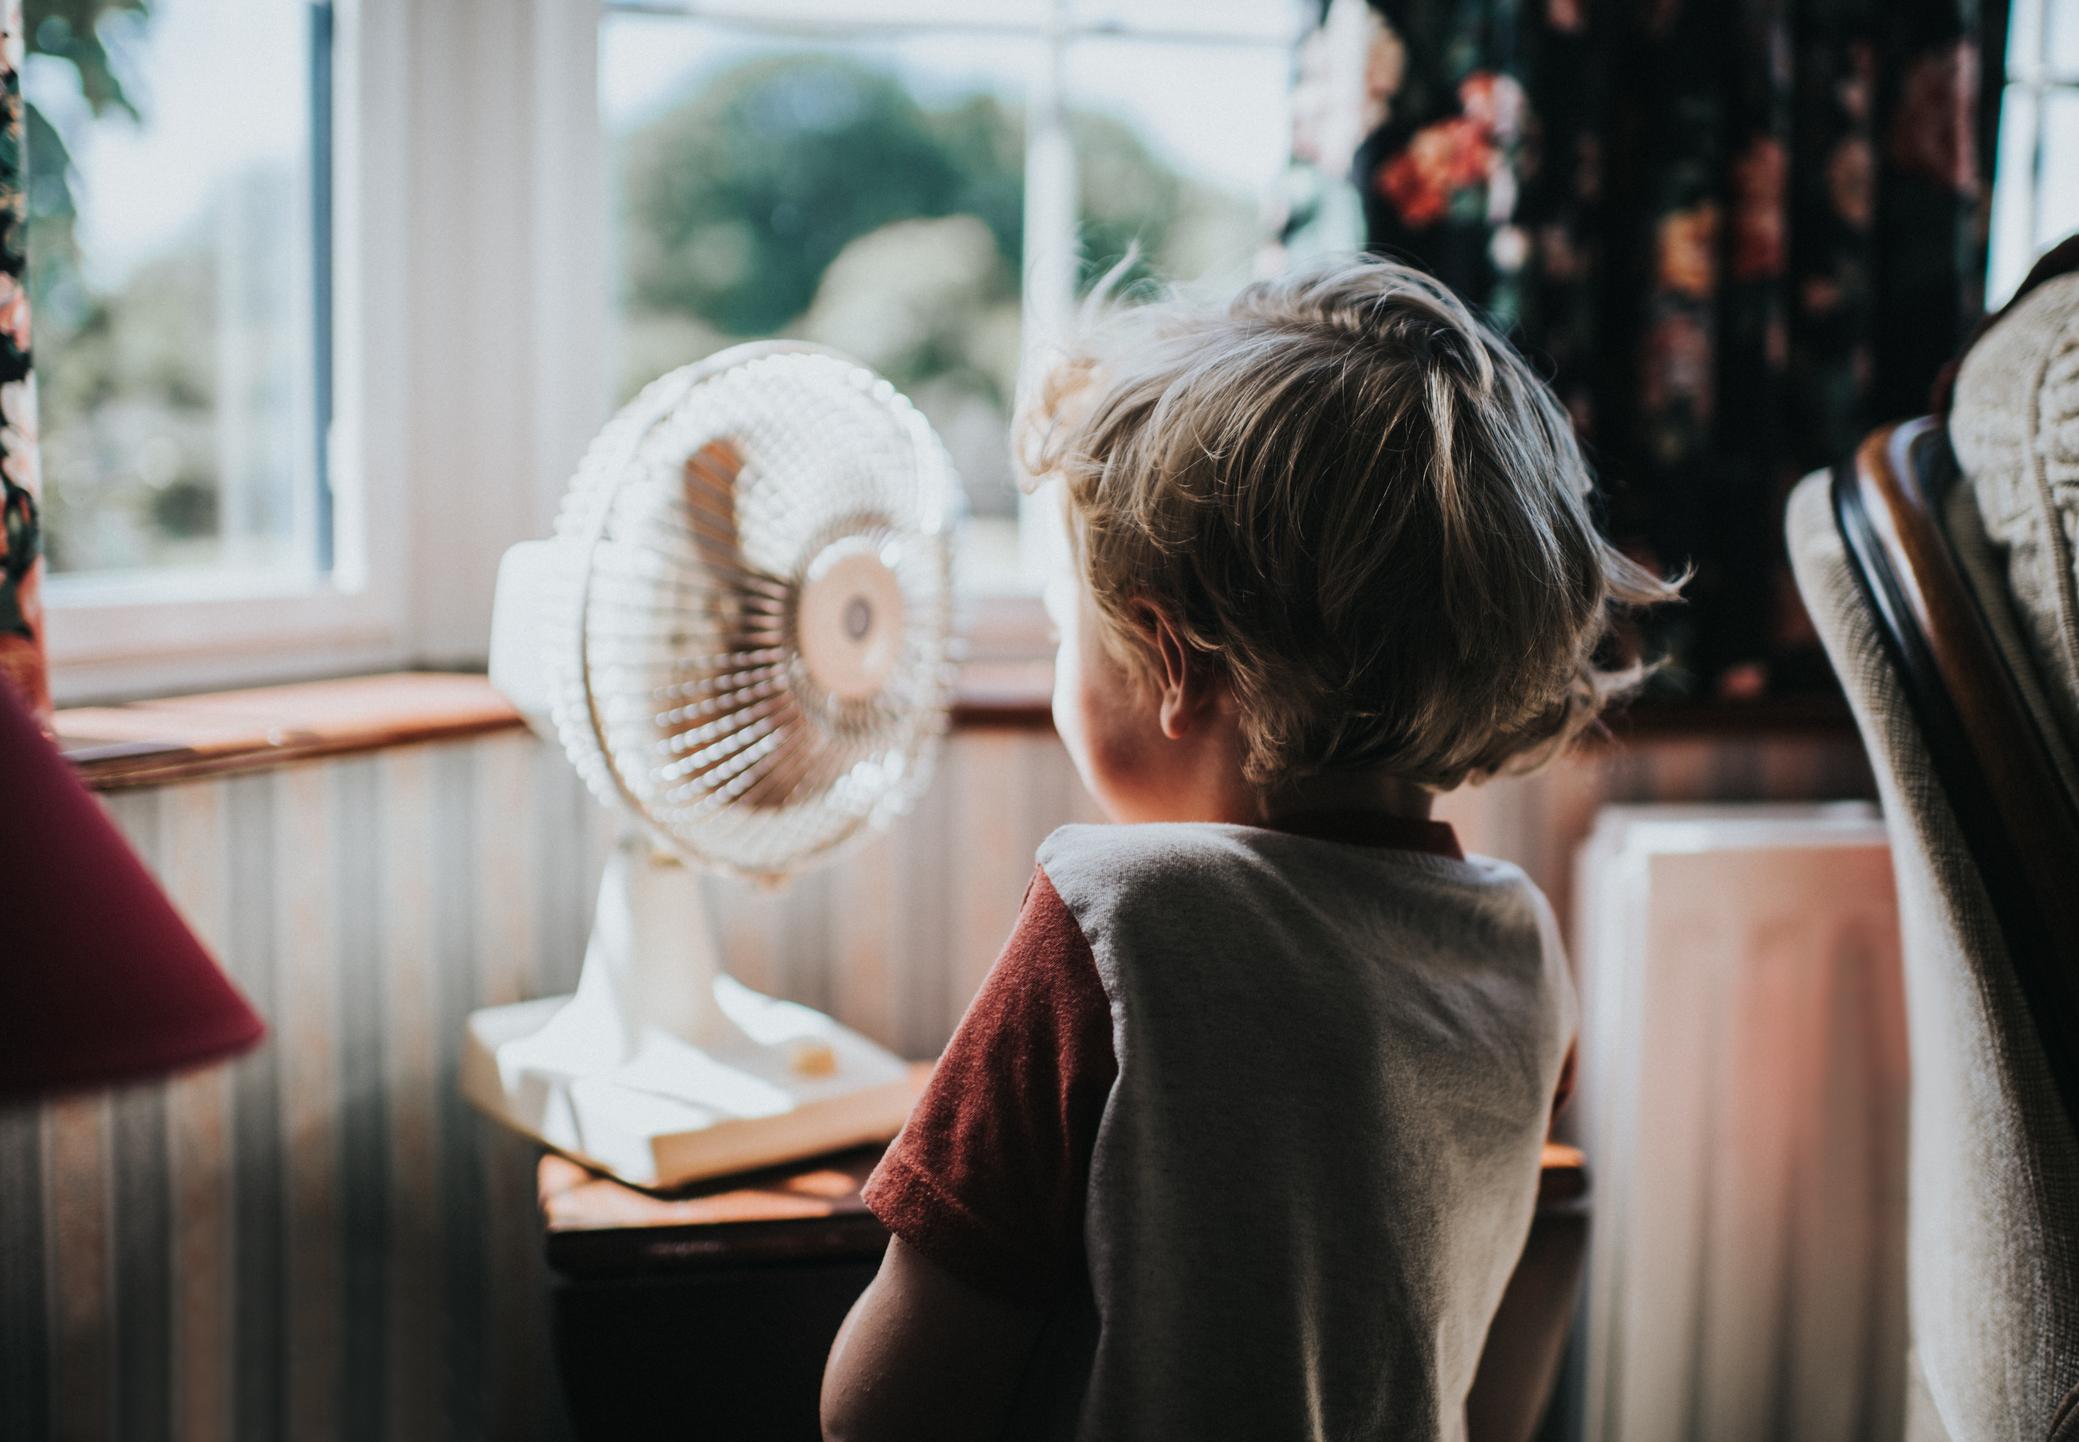 niño ventilador familia aire acondicionado